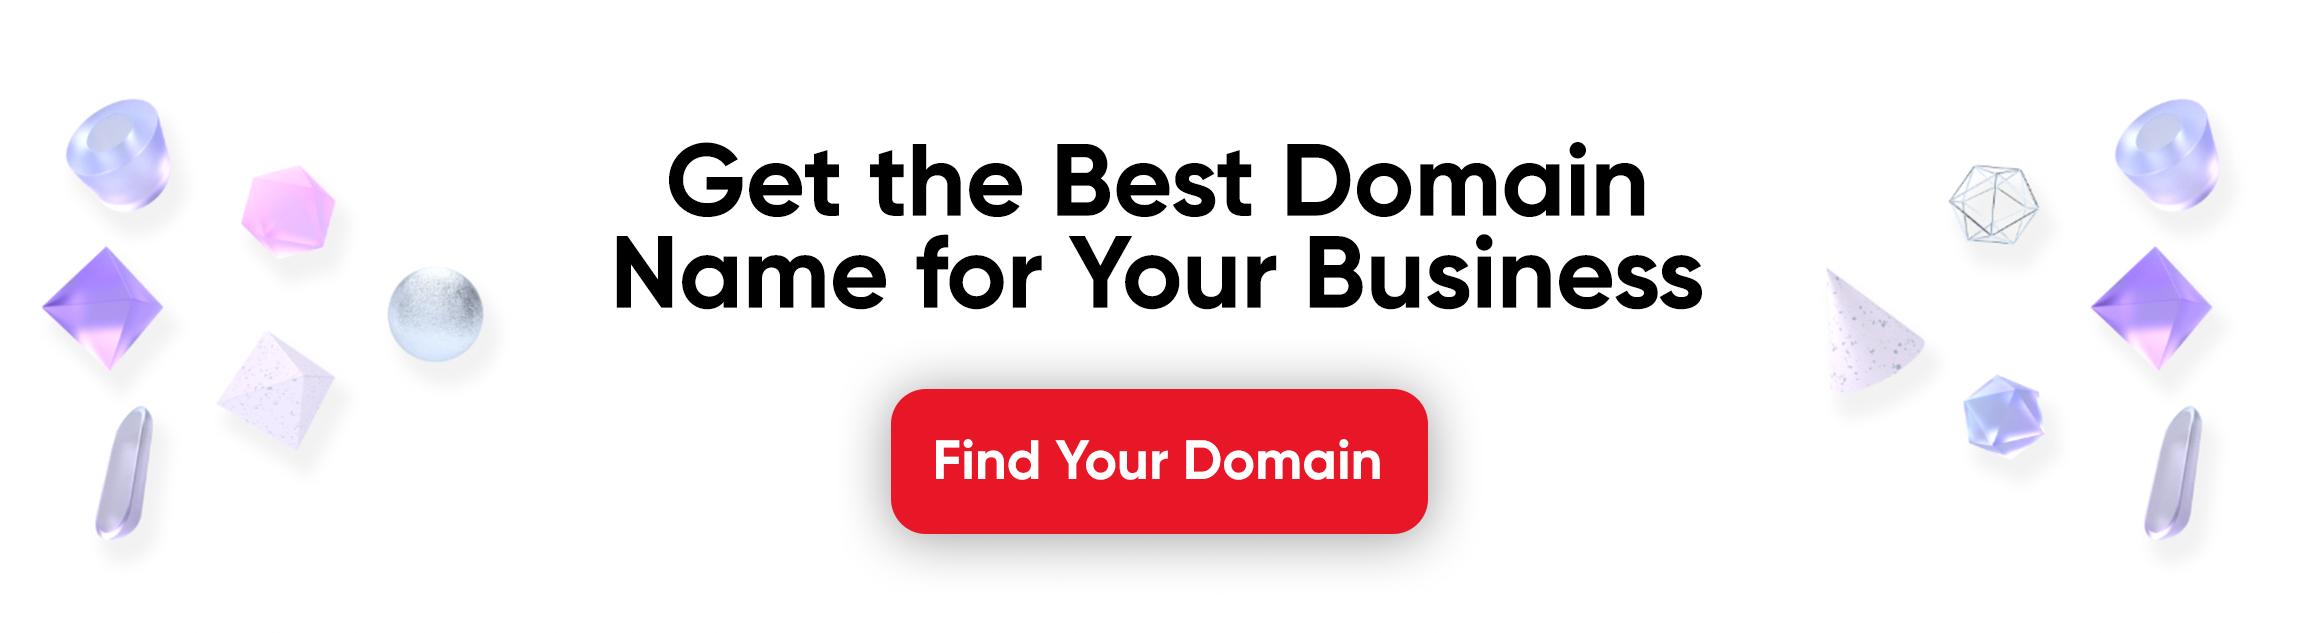 domain name, domain, domains, choosing a domain, domain name 2021, finding a domain, own a domain